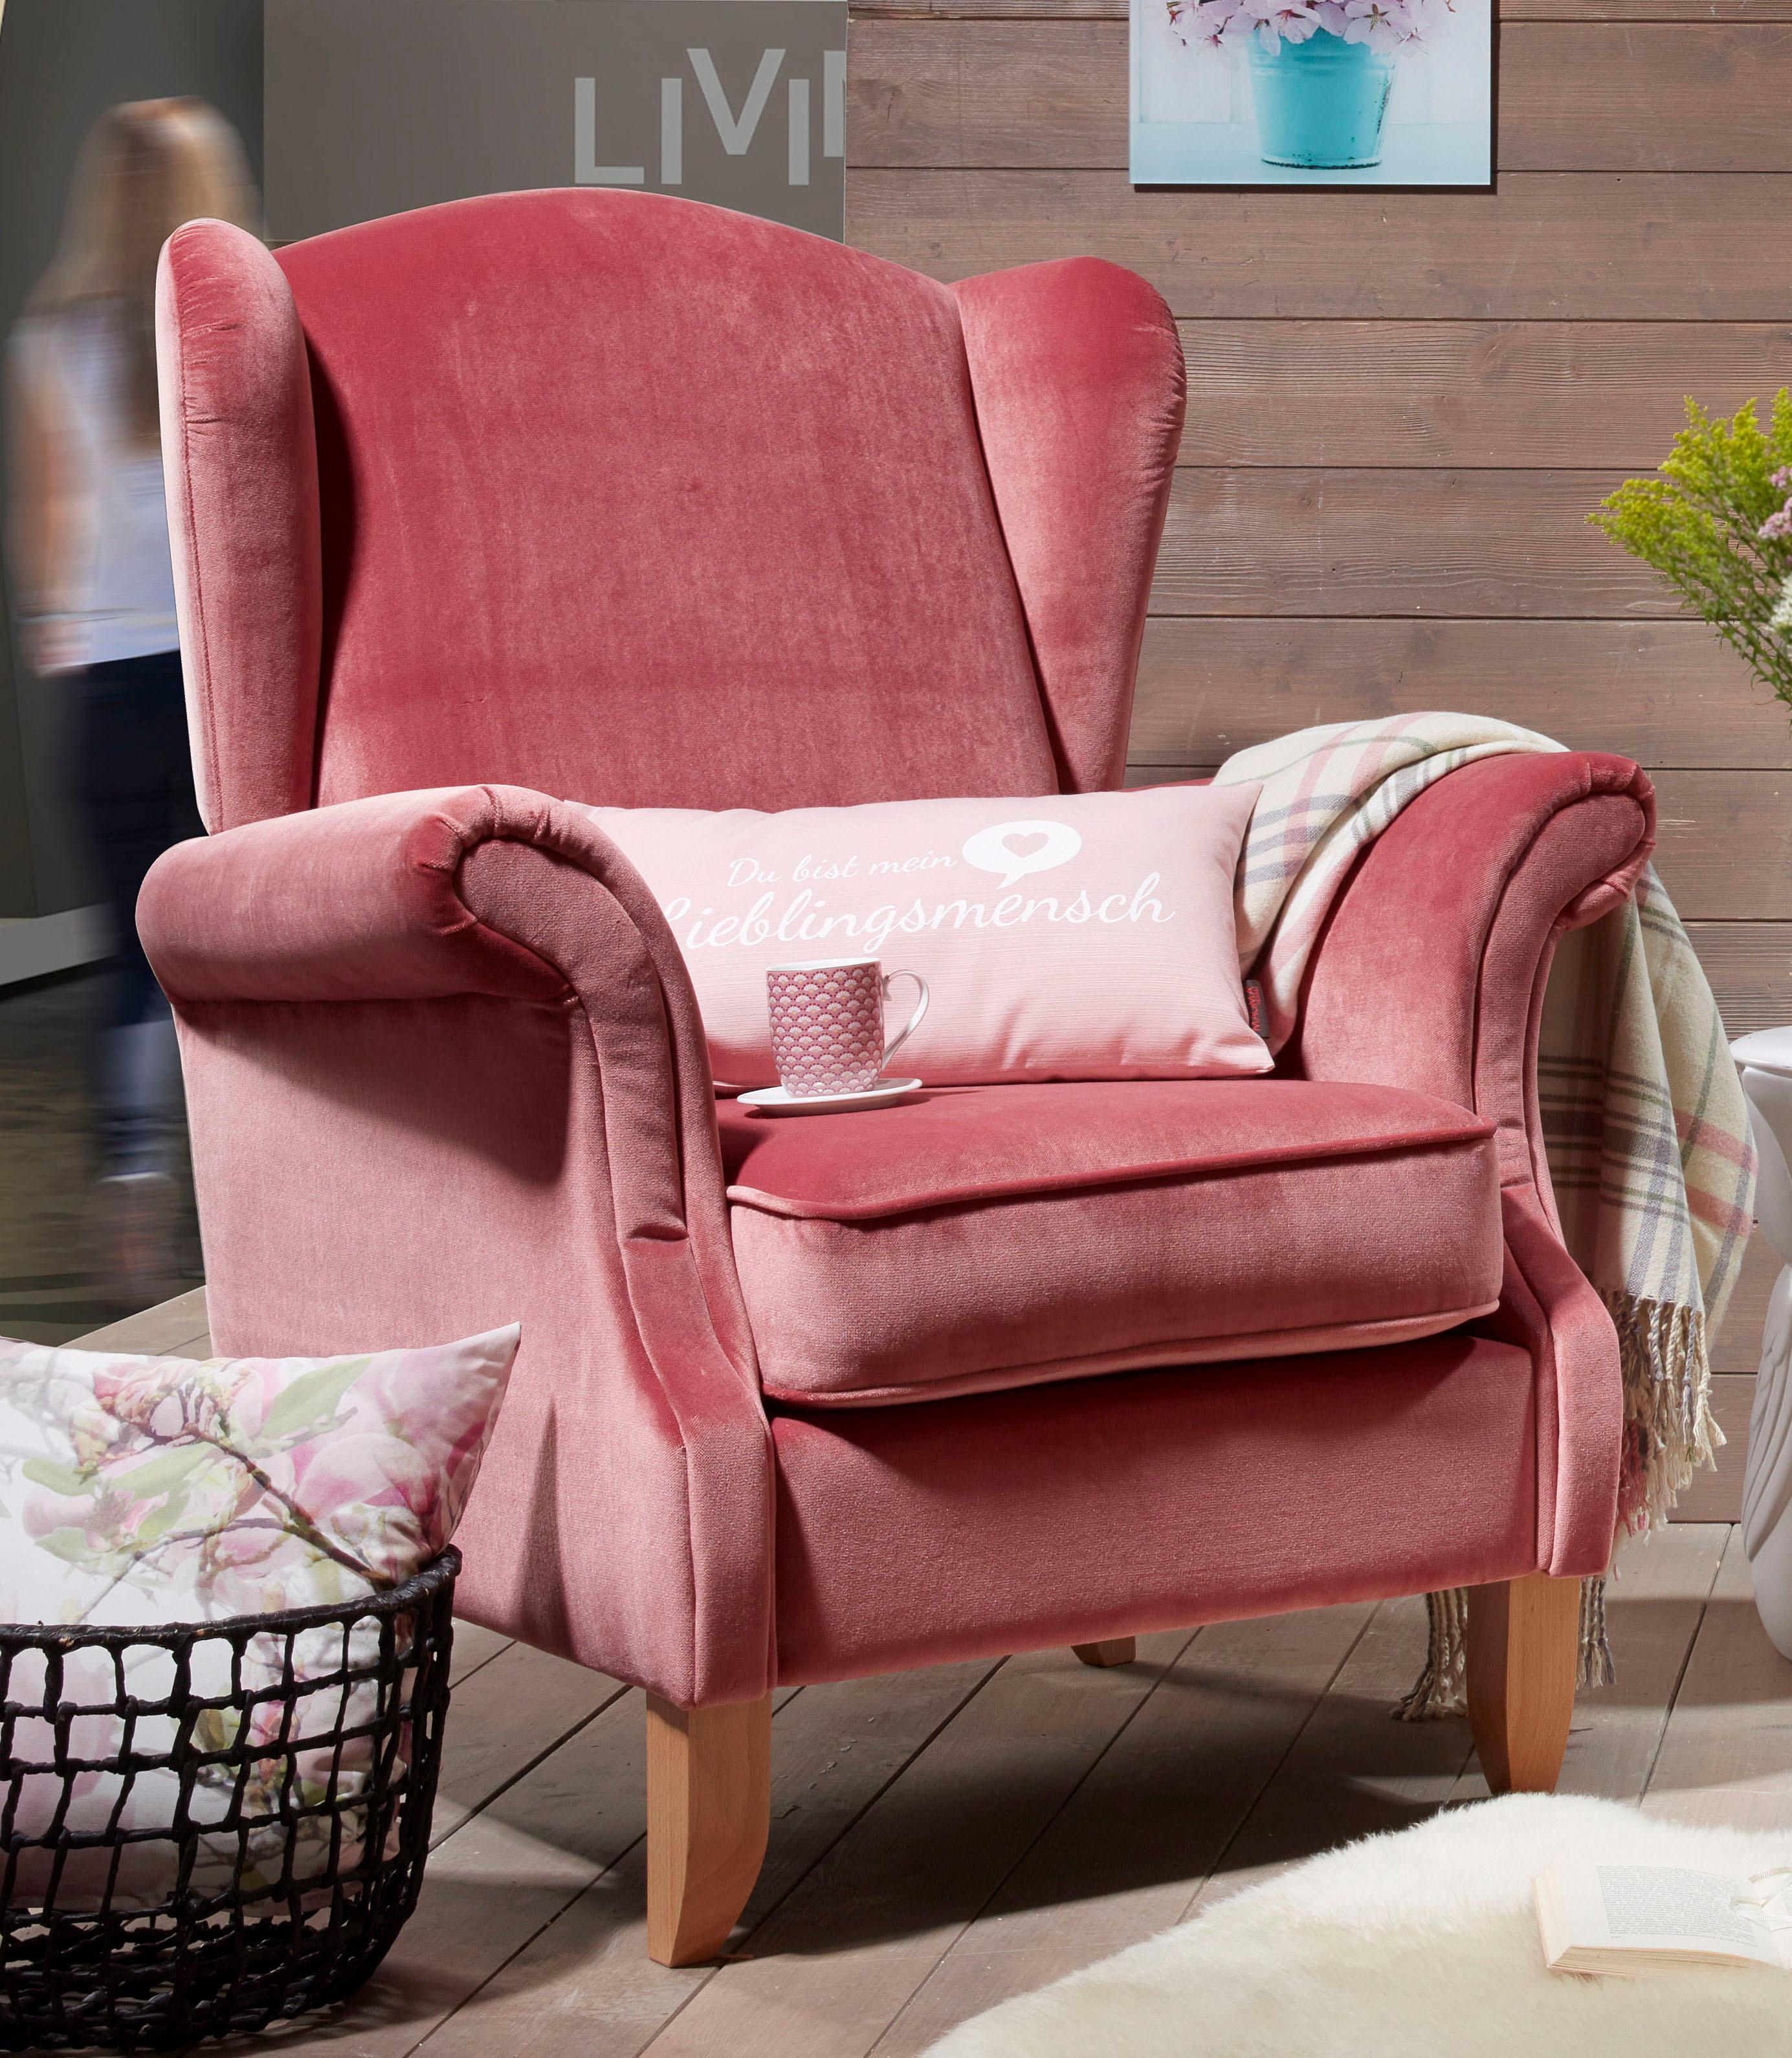 Ohrensessel Online Kaufen Möbel Suchmaschine Ladendirektde